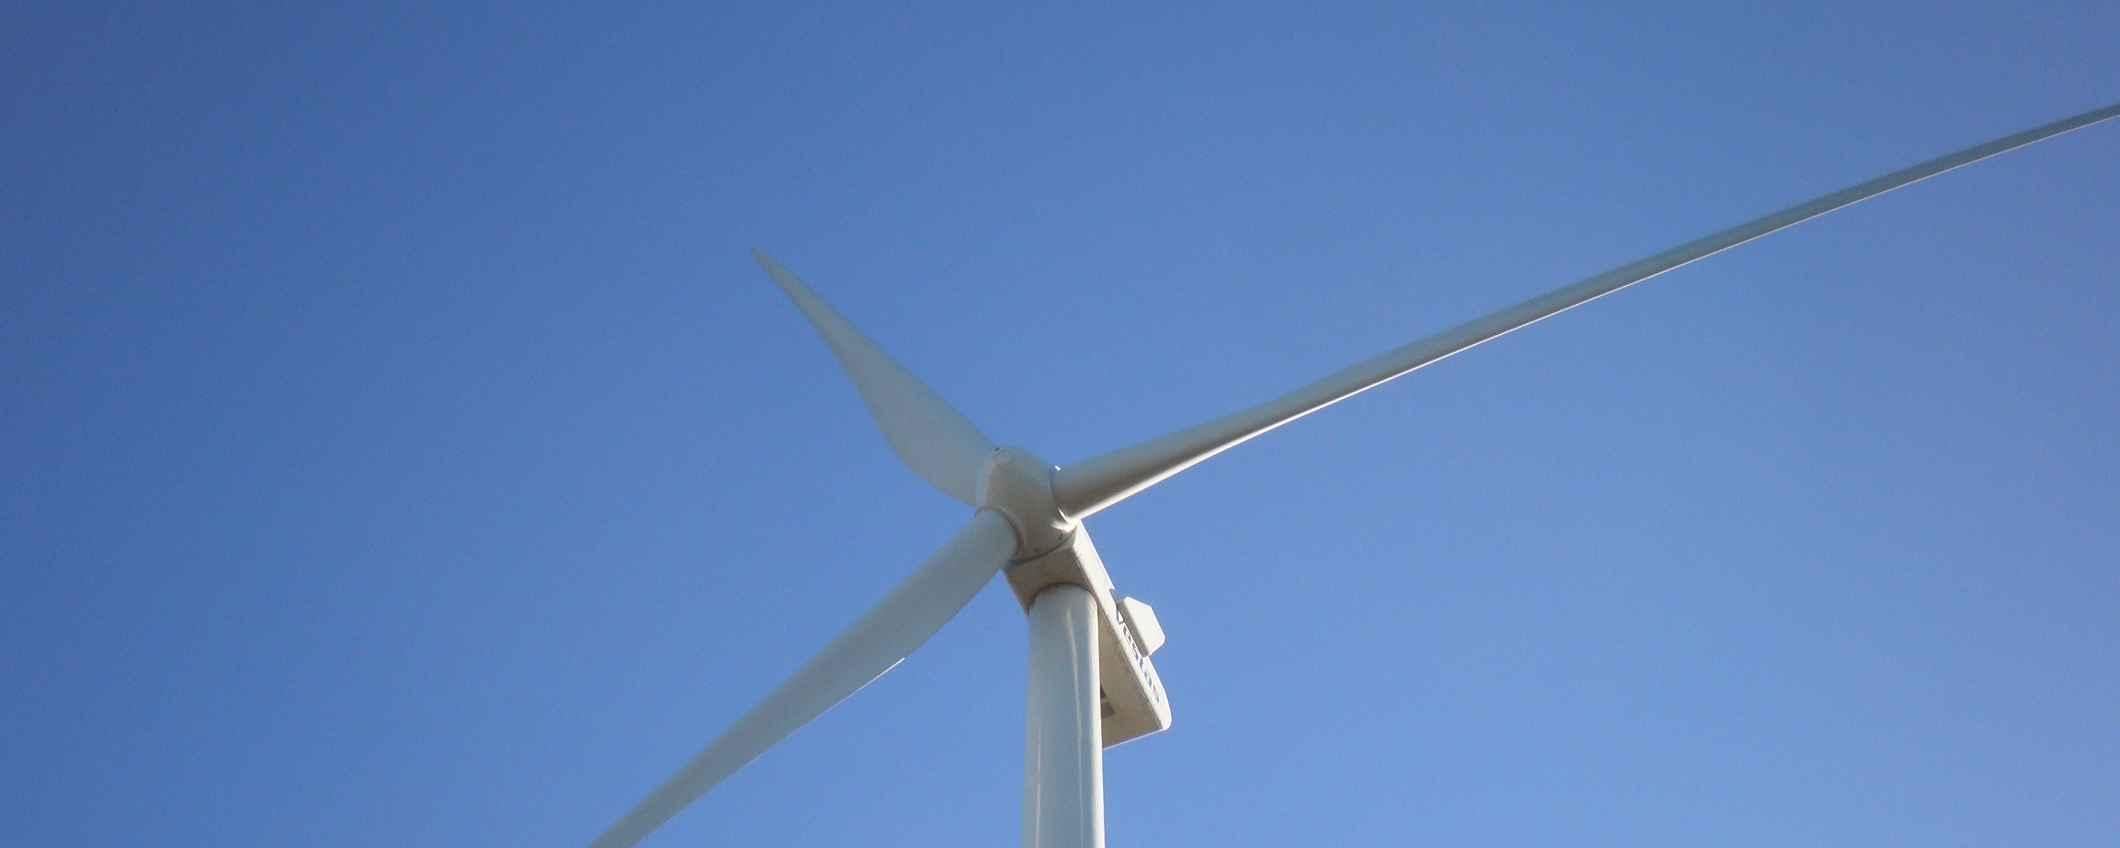 Vestas Wind Systems A/S, une entreprise pionnière dans la protection de l'environnement